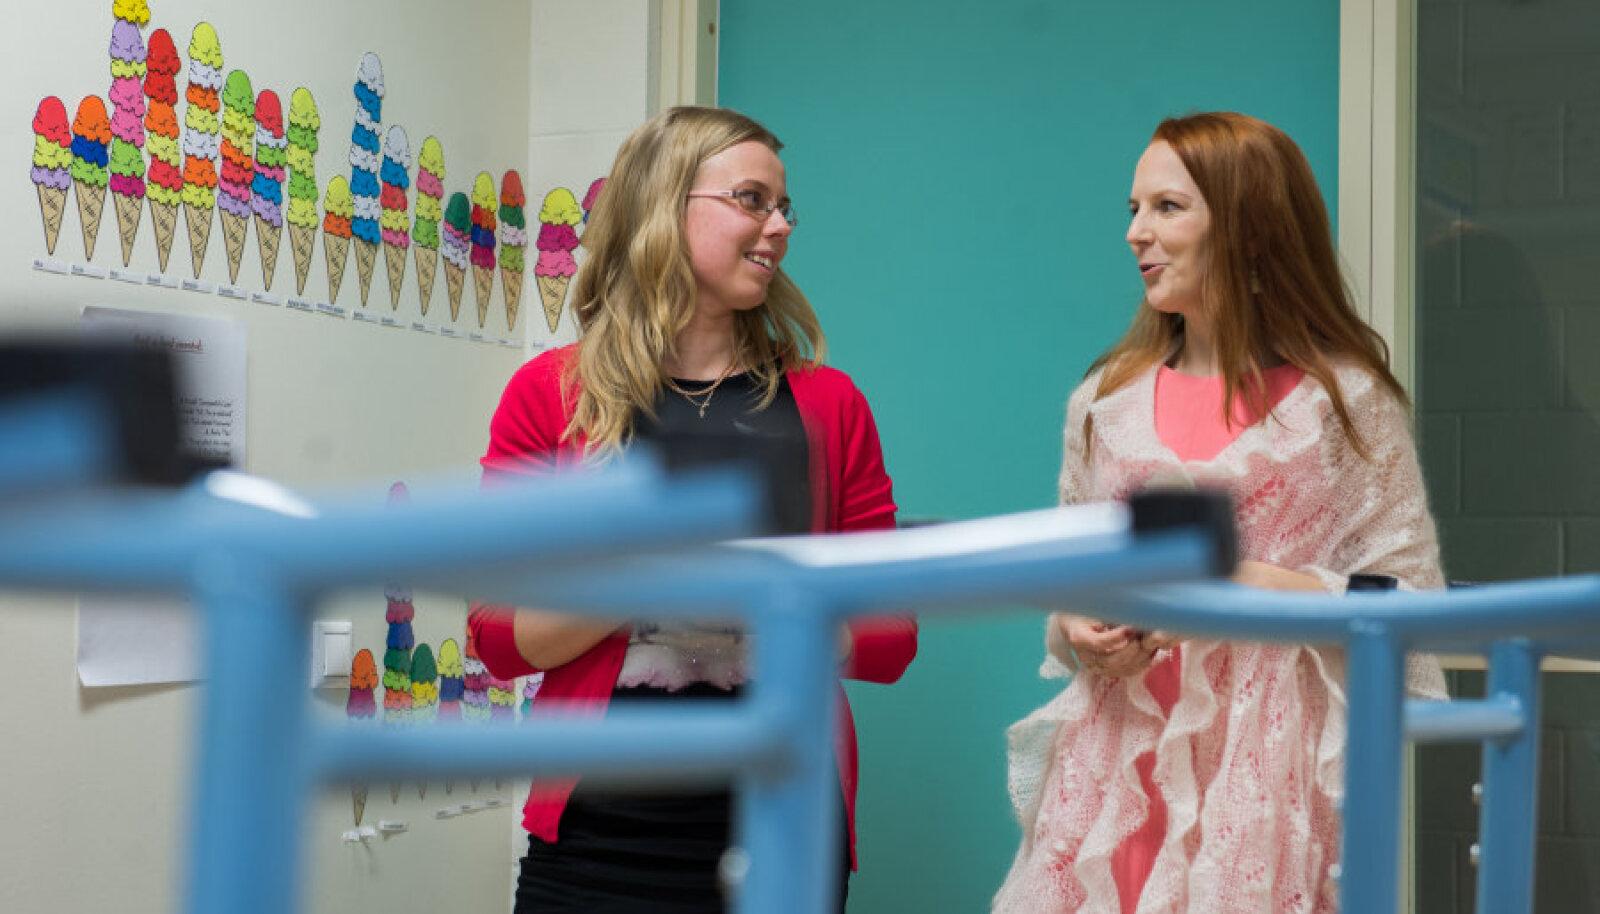 Veronika Koppel ja Heidy Siirak Jüri gümnaasiumi KiVa tiimist räägivad, et neid üllatas, kui avameelsed on algkooliõpilased kiusamise teemal ja kui agaralt lapsed üksteist kiidavad.